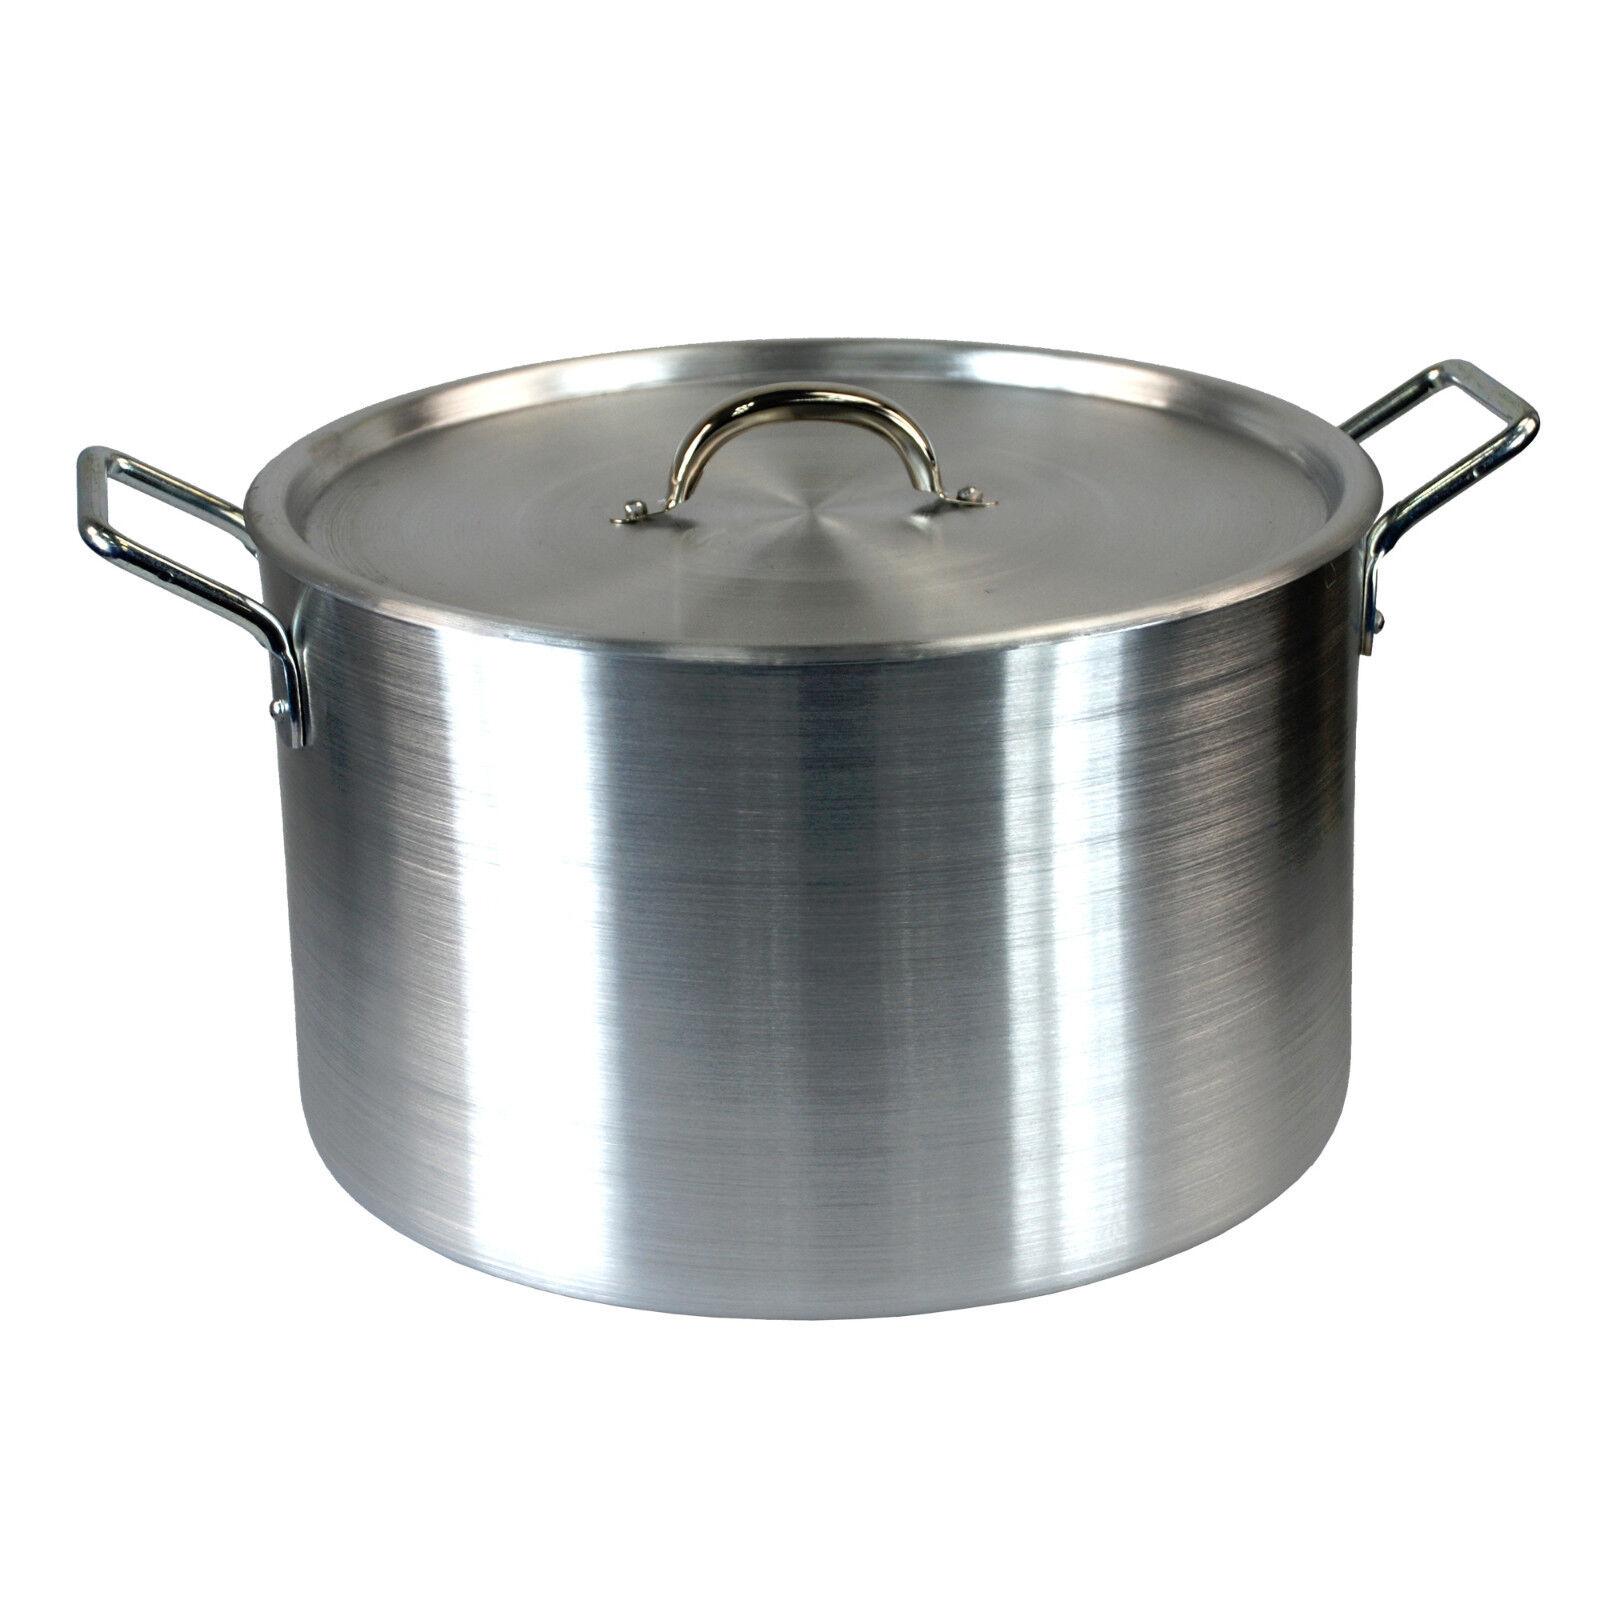 Super large 21,5 pouces casserole Aluminium Cuisine Cuisson Pan Casserole couvercle de casserole ensemble